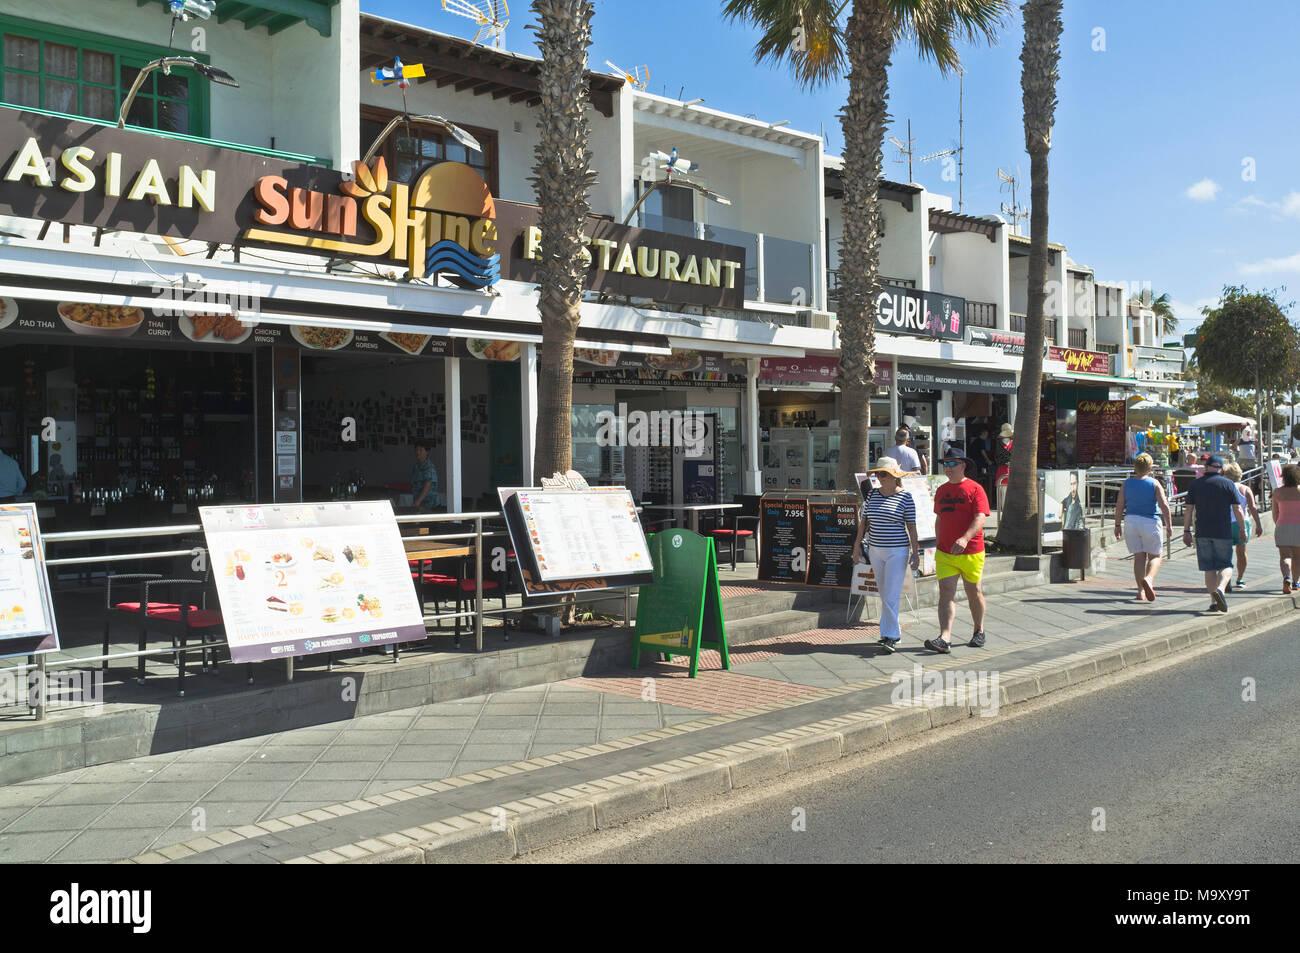 Puerto del carmen cafe stock photos puerto del carmen cafe stock images alamy - Lanzarote walks from puerto del carmen ...